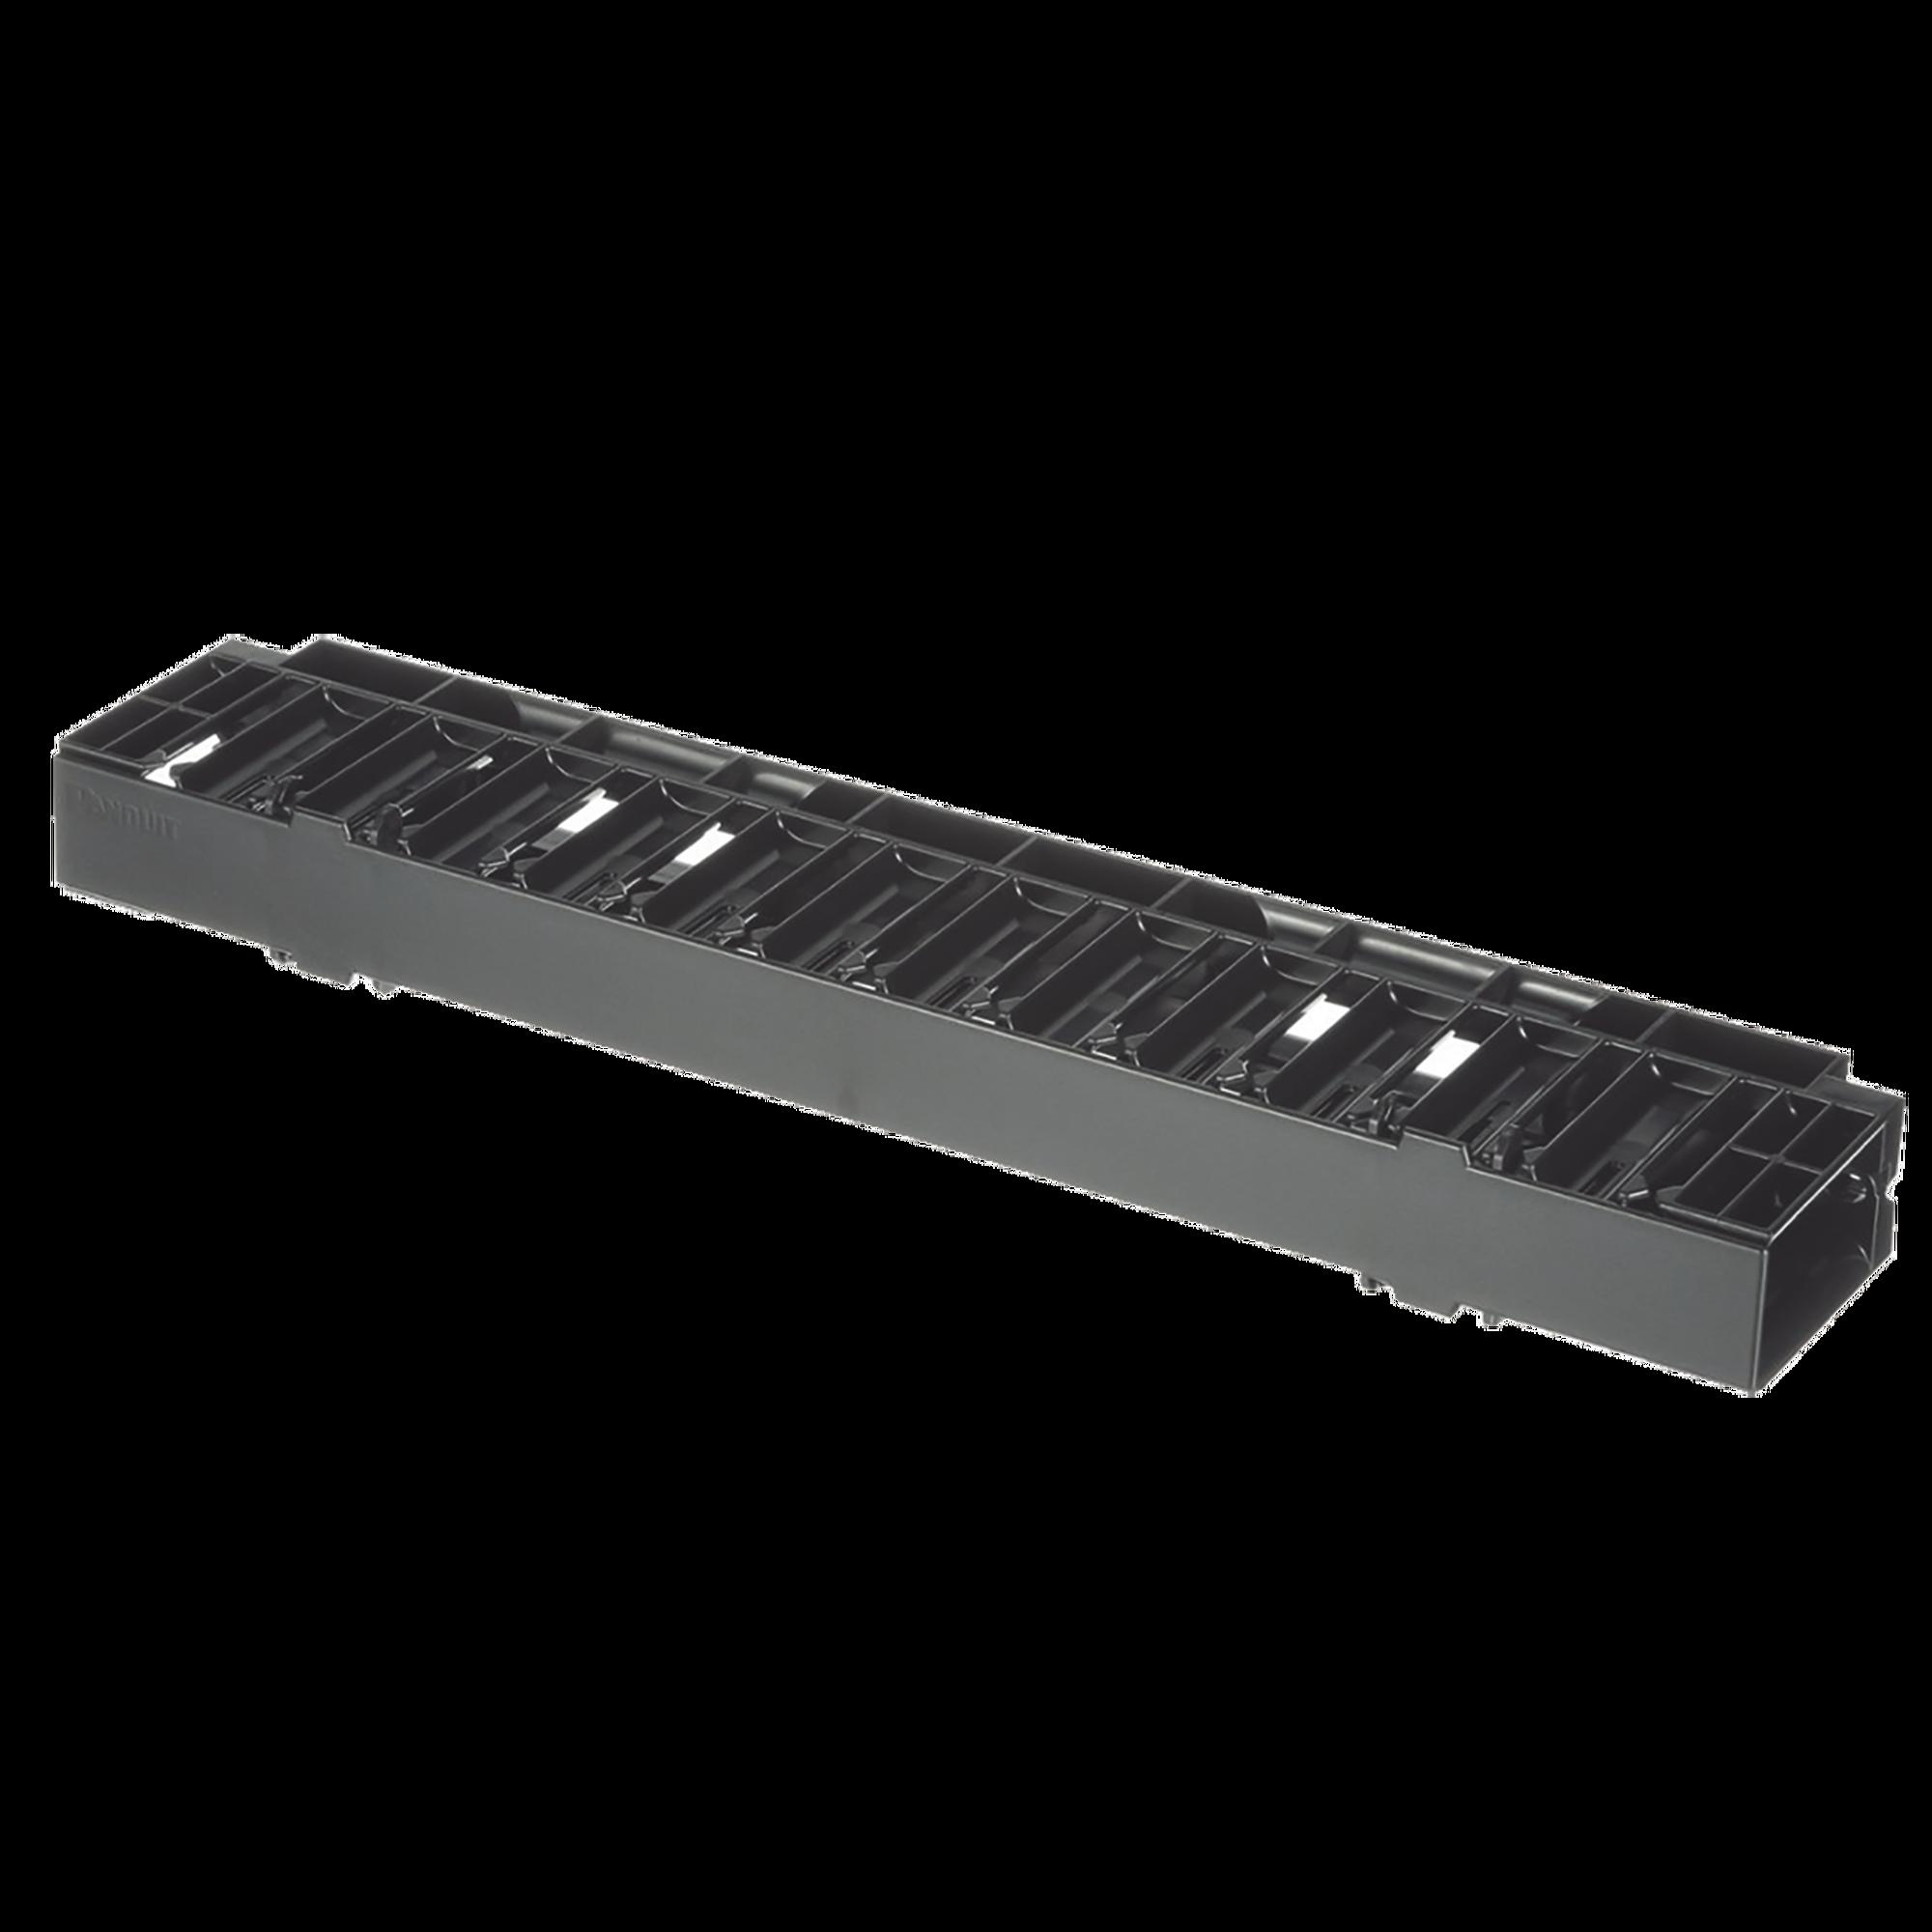 Organizador de Cables Horizontal NetManager, Sencillo (Solo Frontal), Para Rack de 19in, 1UR